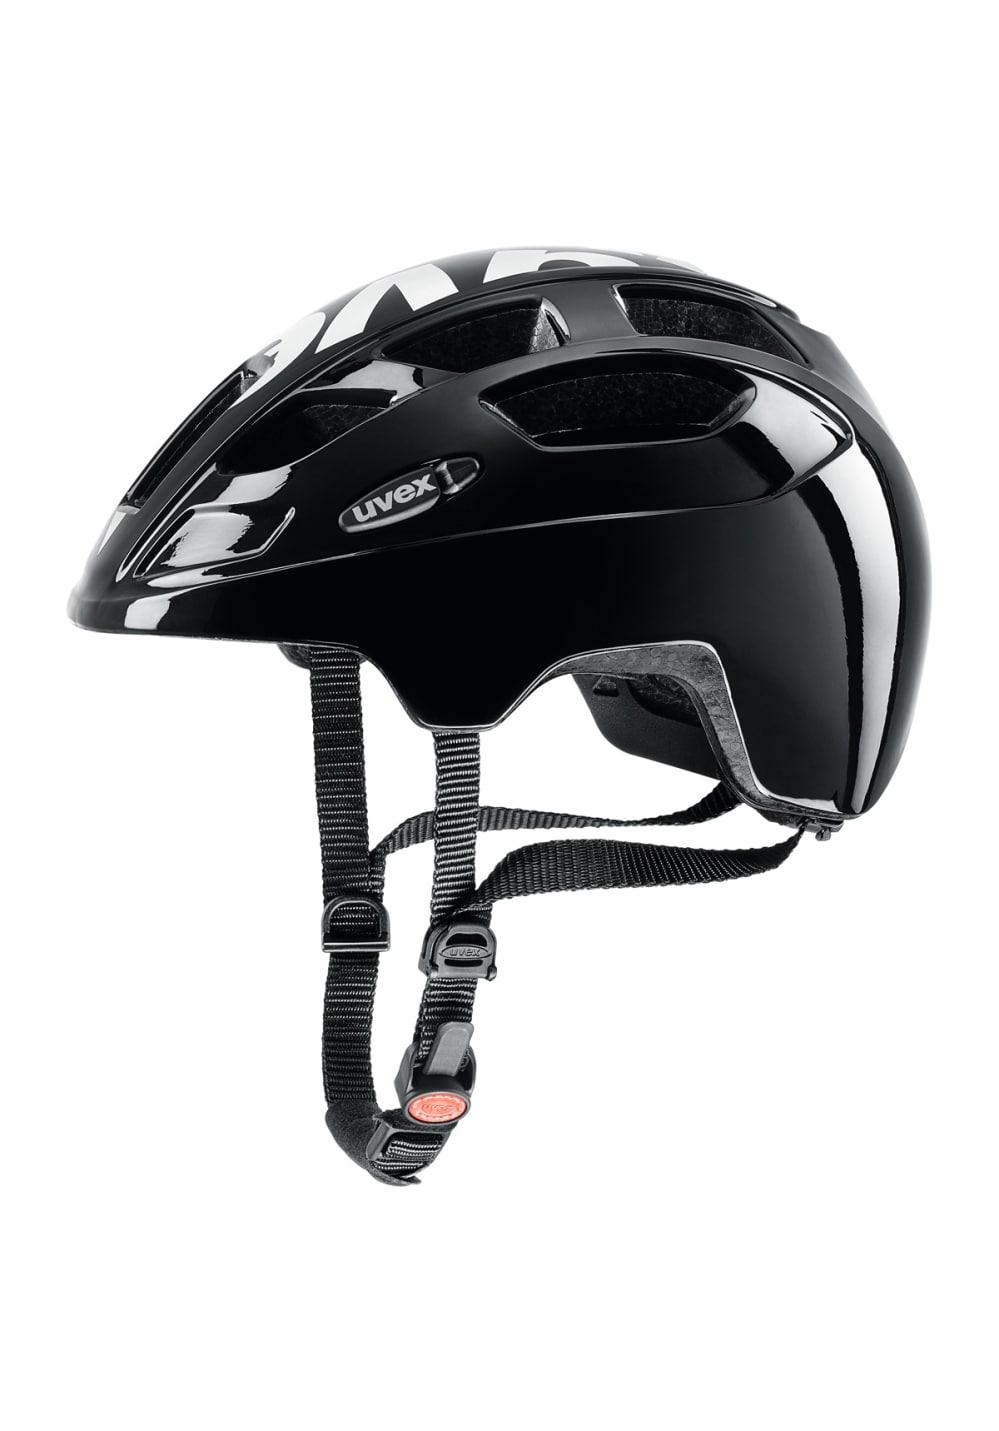 Uvex Finale Junior - Helme für Kinder Unisex - Schwarz, Gr. 51-55 cm